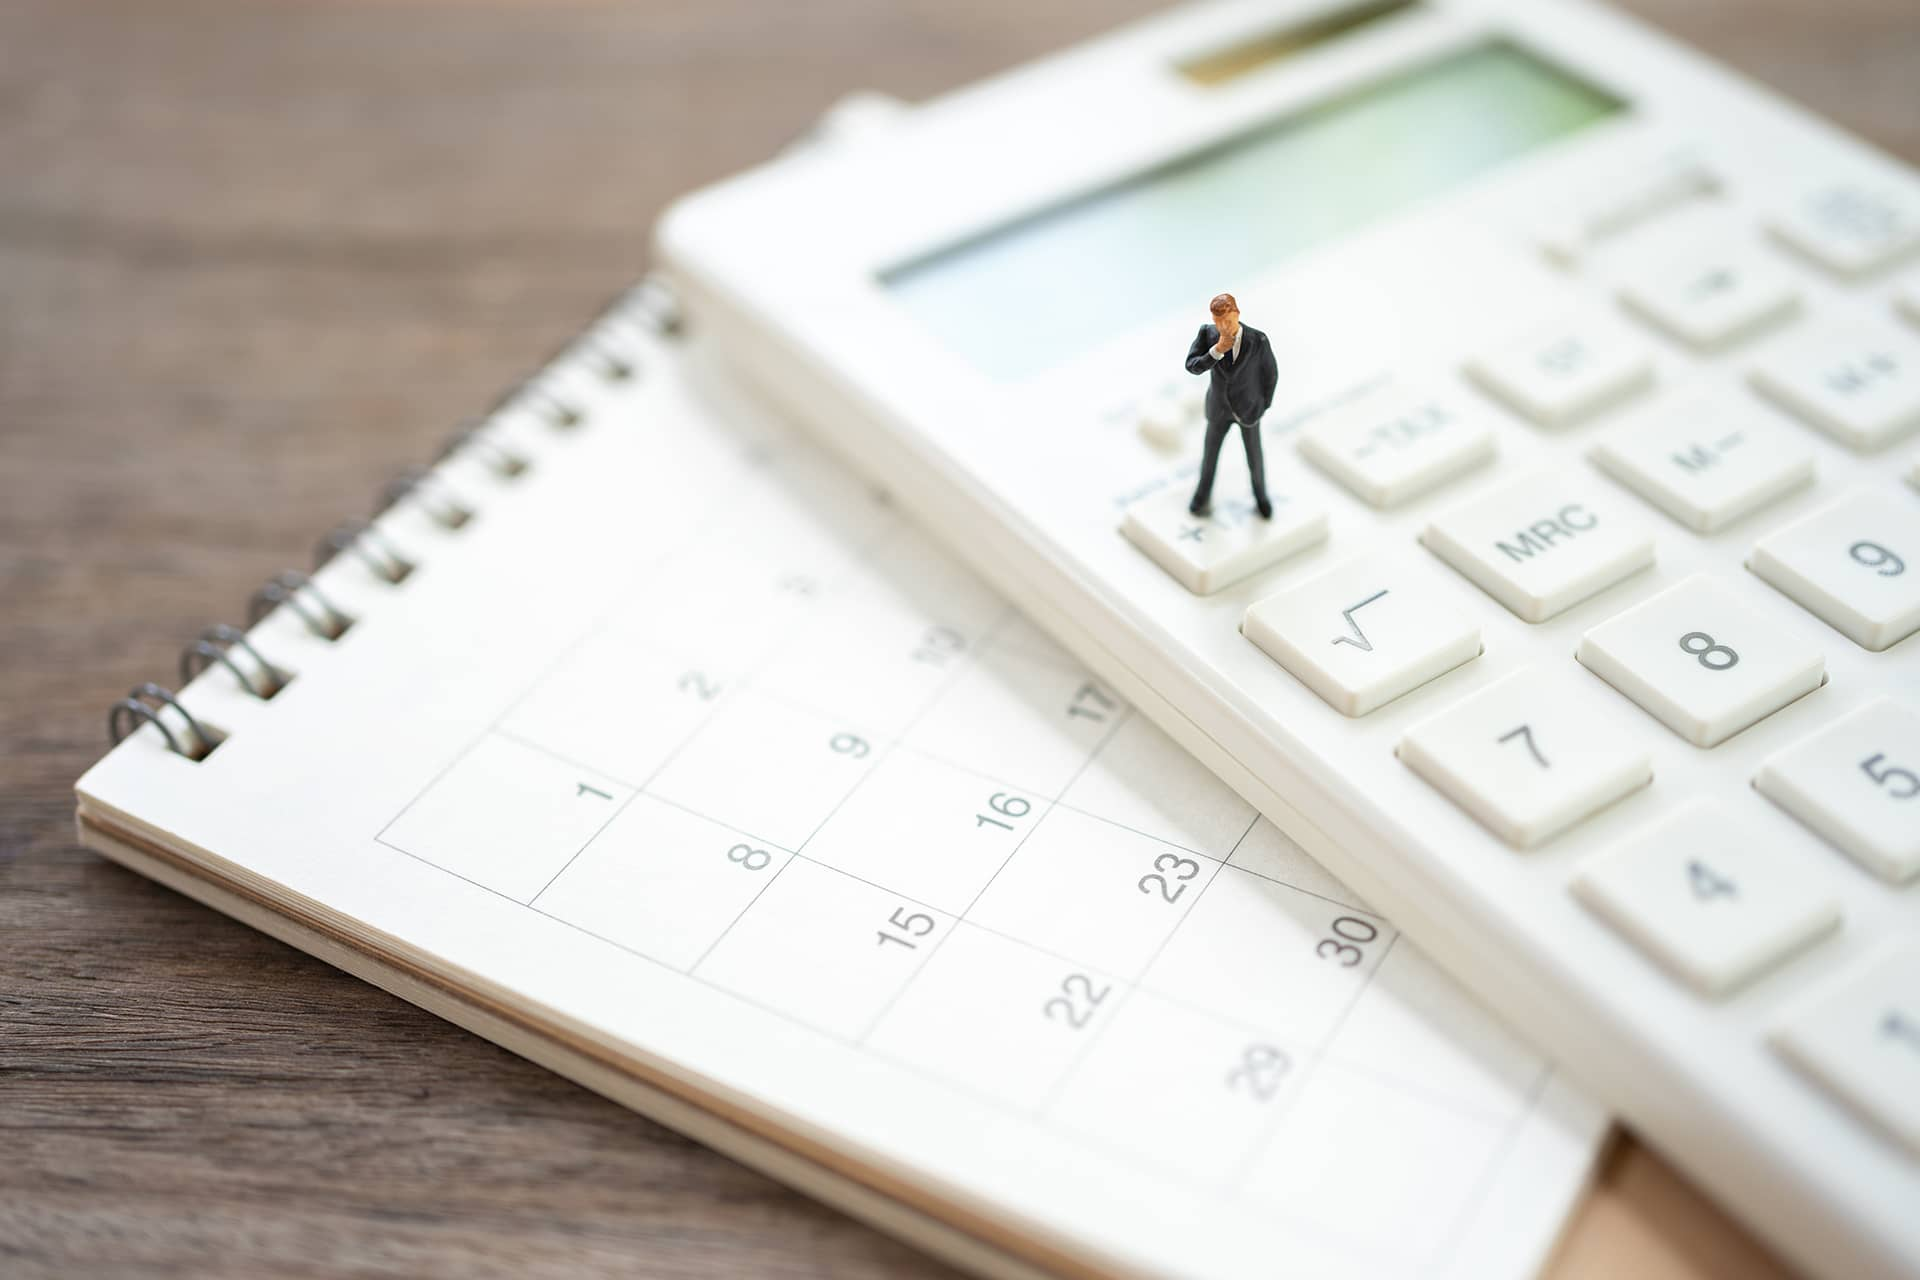 calcular horas trabajo anuales